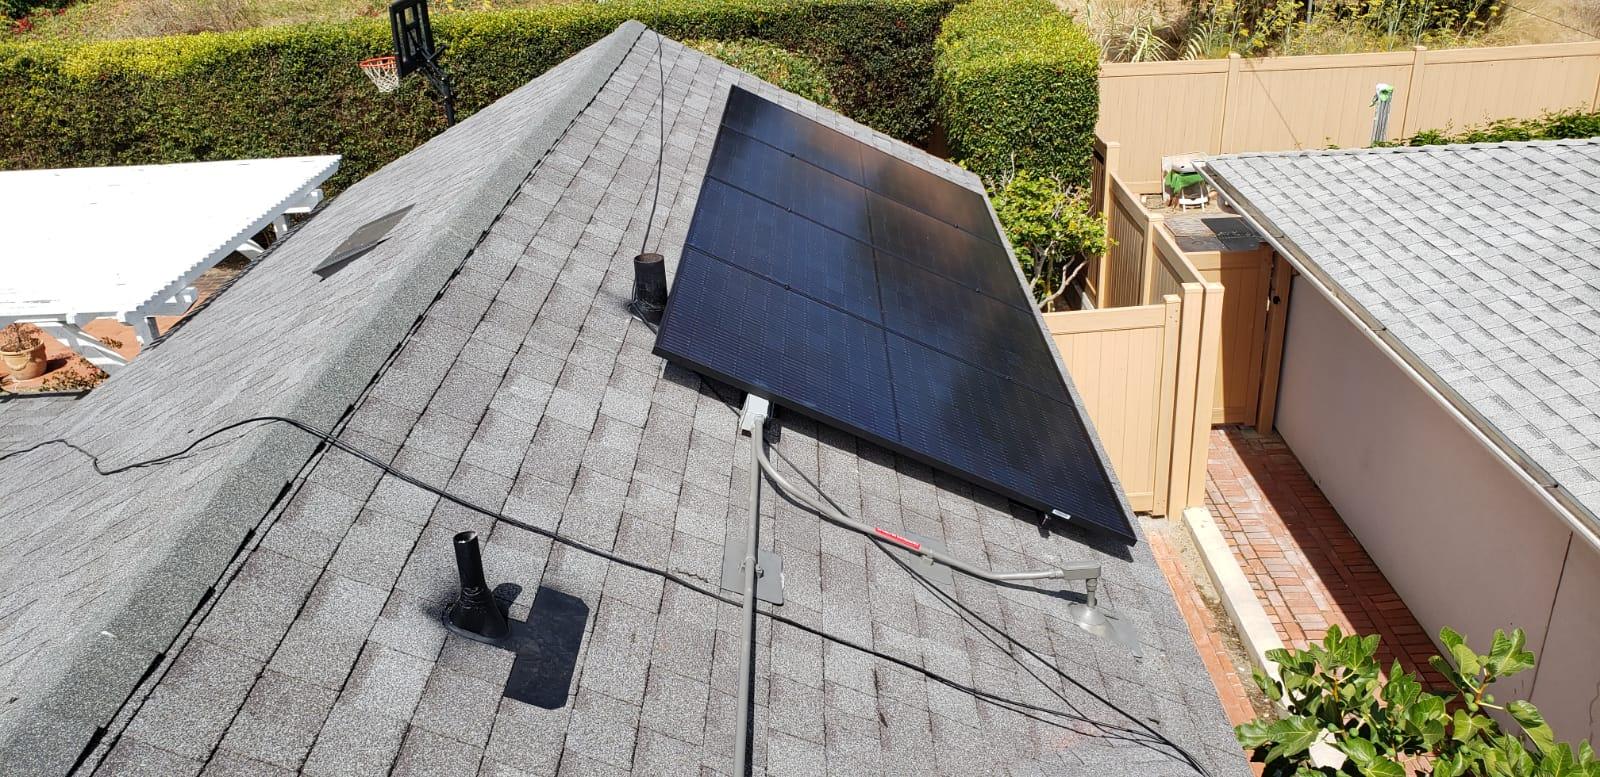 Solar Panel System Installation in La Jolla